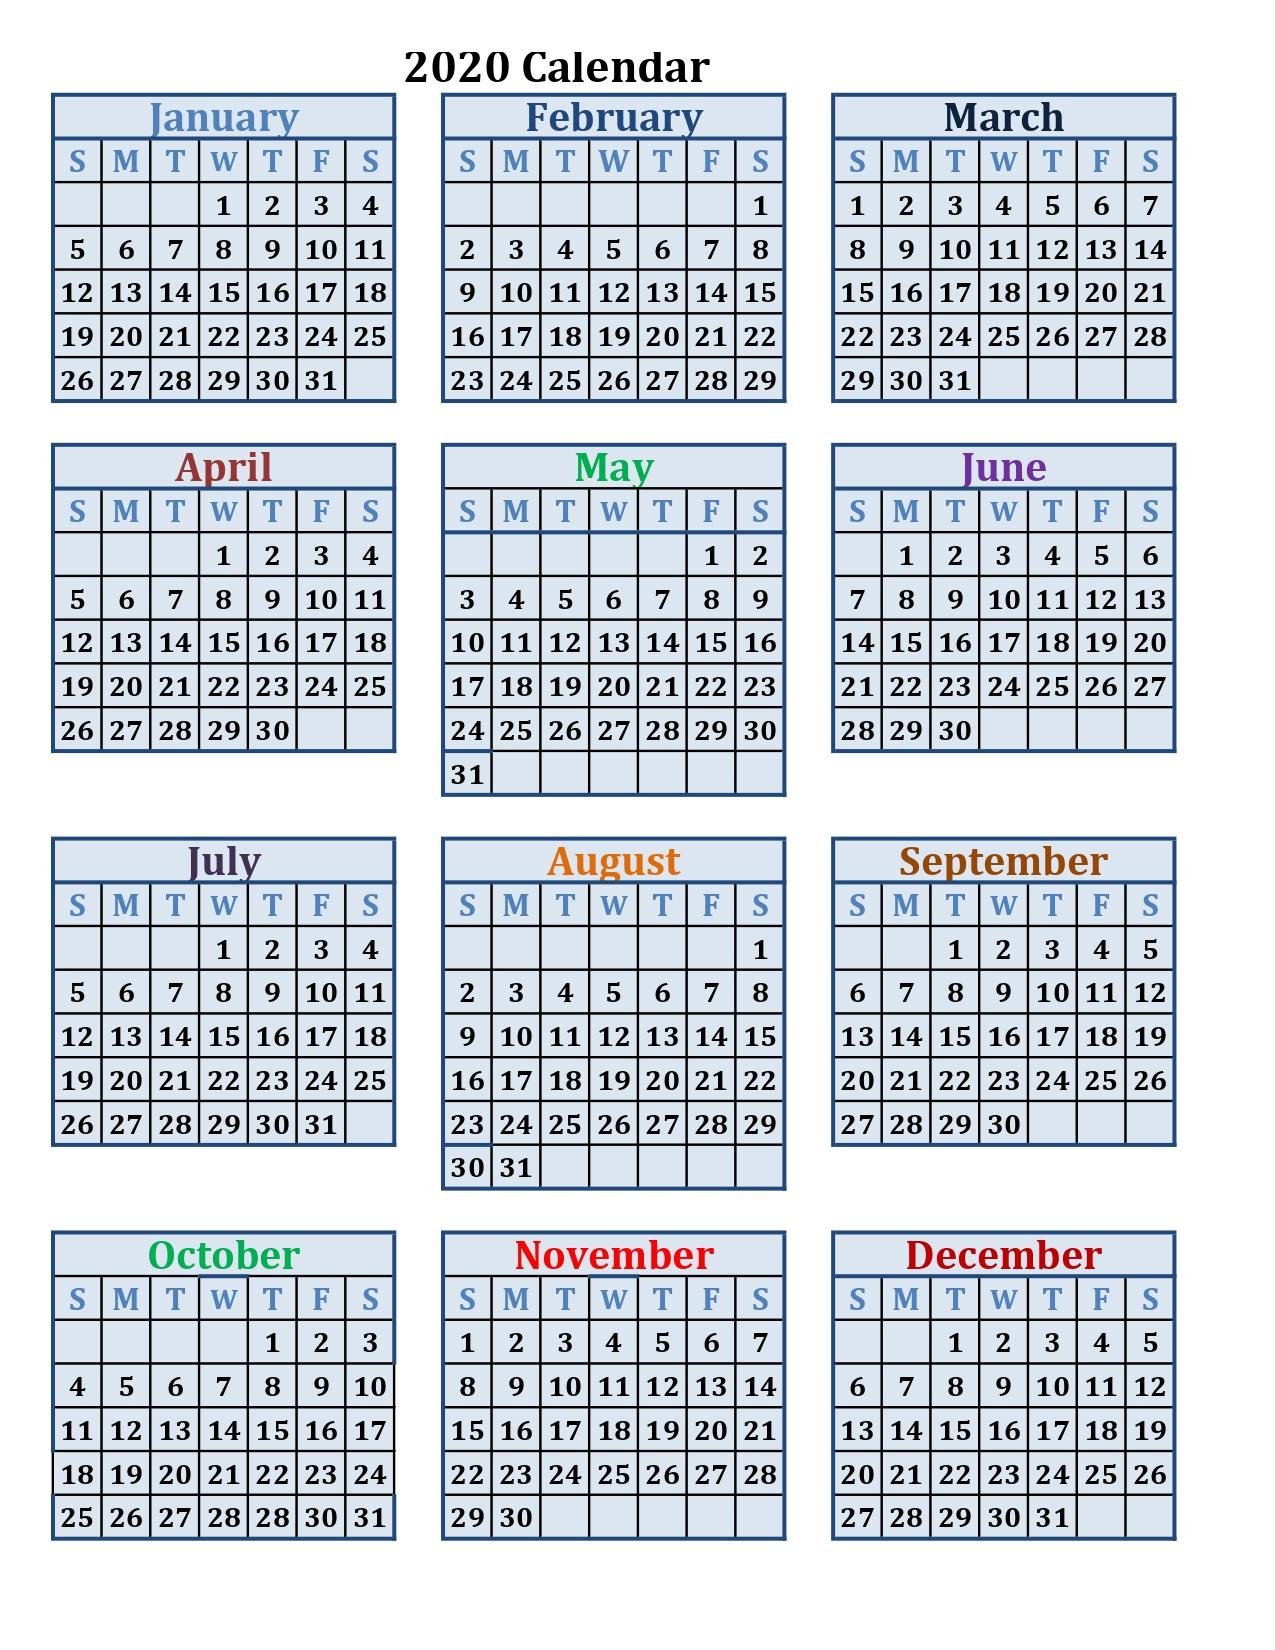 Printable calendar 2020 by month